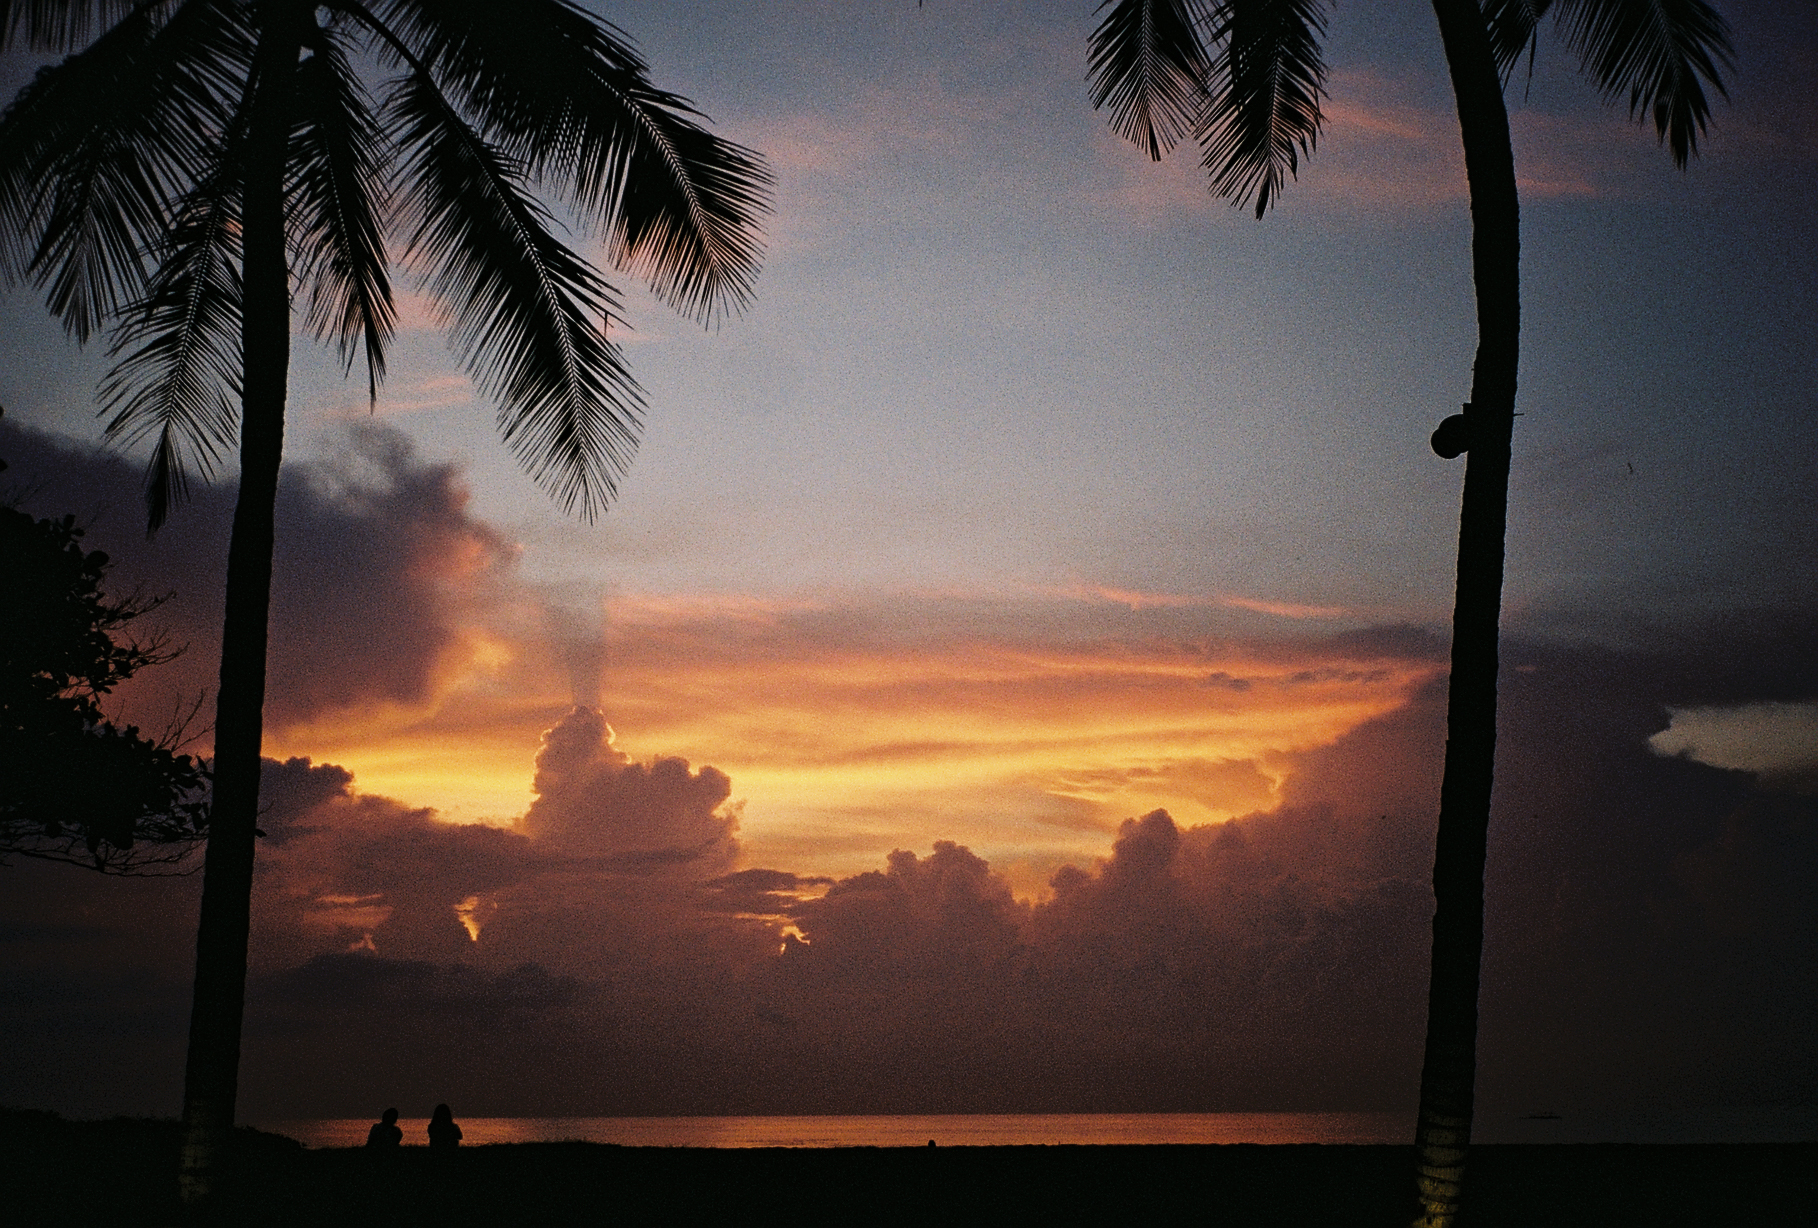 sunset - bali